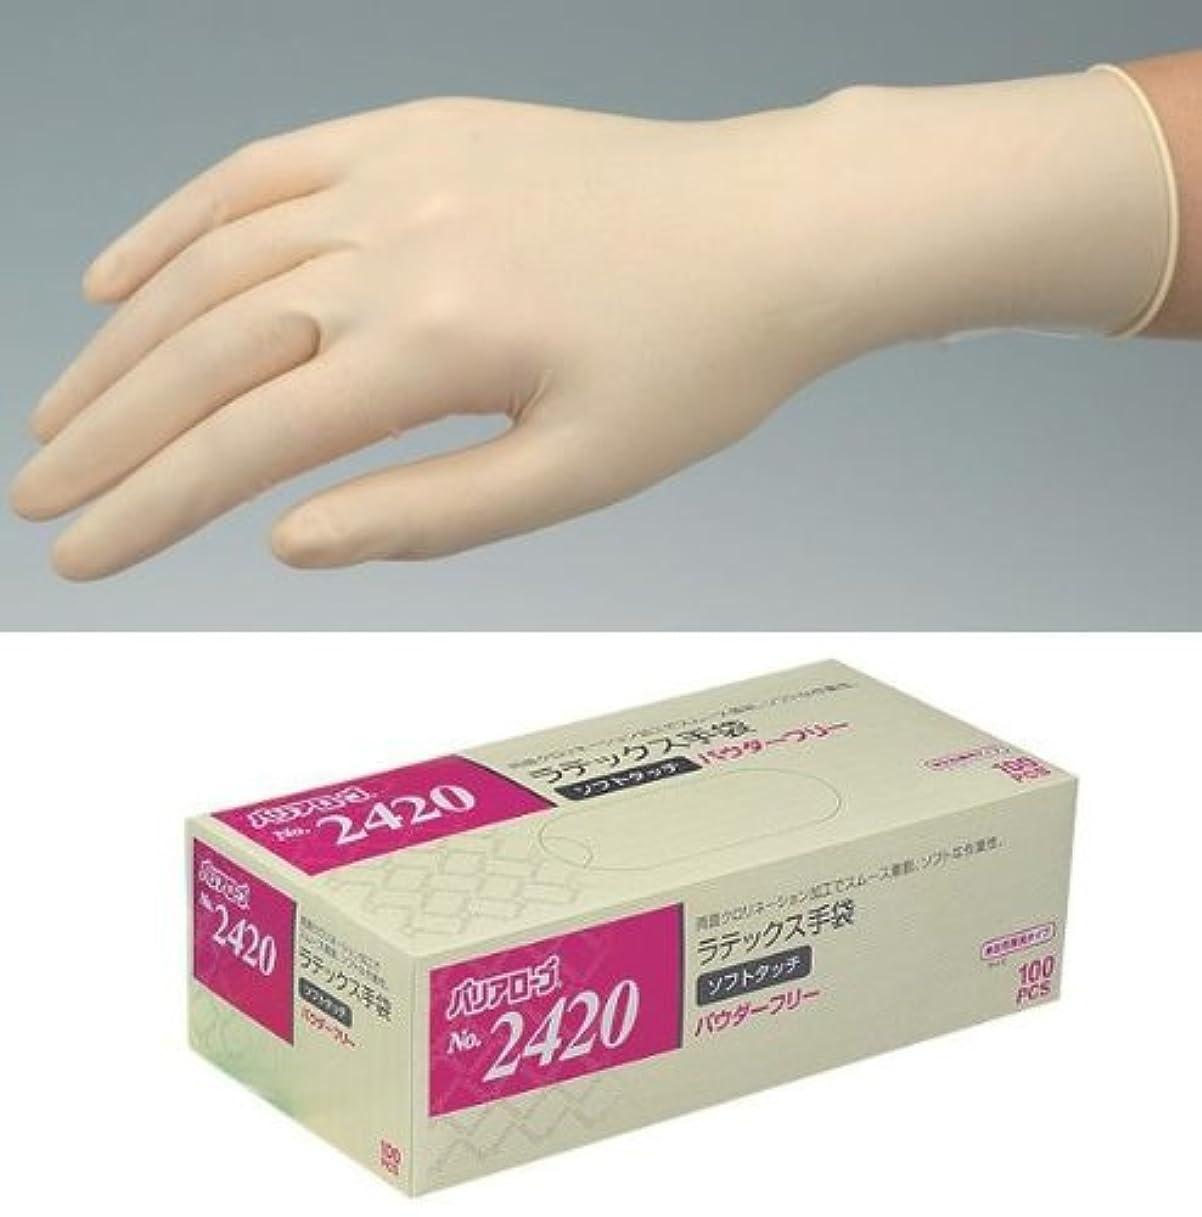 マーティンルーサーキングジュニア貼り直す鑑定バリアローブ ラテックス手袋 ソフトタッチPF(左右兼用) 100枚×20箱 NO.2420   M